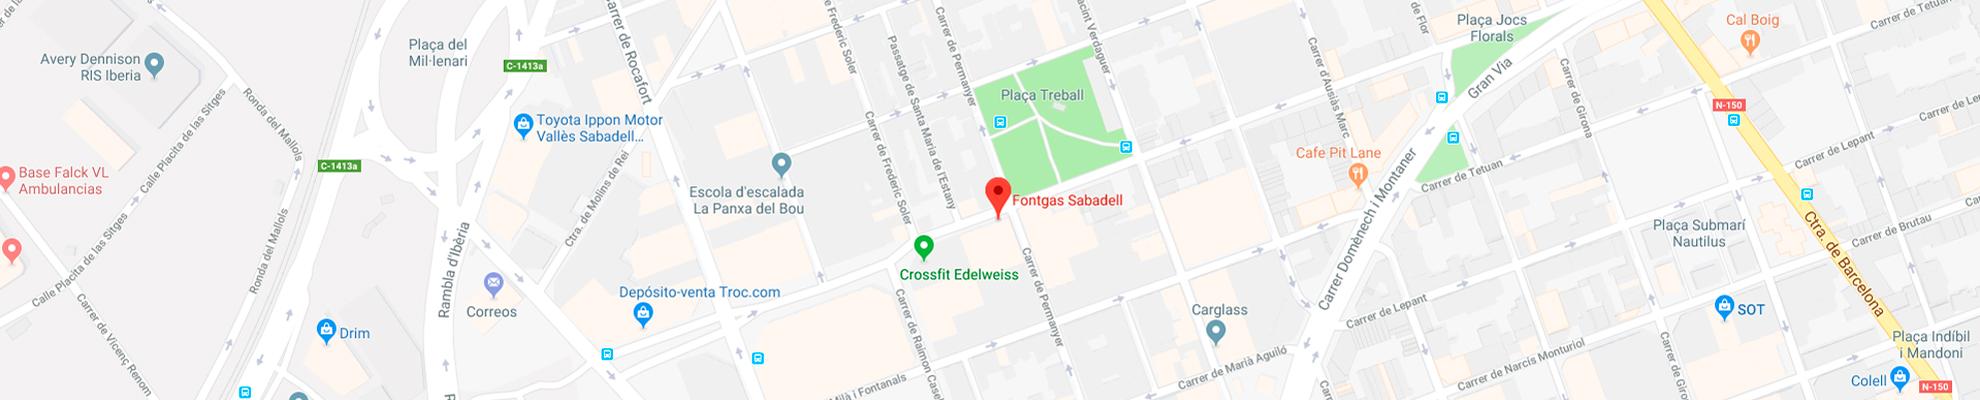 Dirección de Fontgas Sabadell